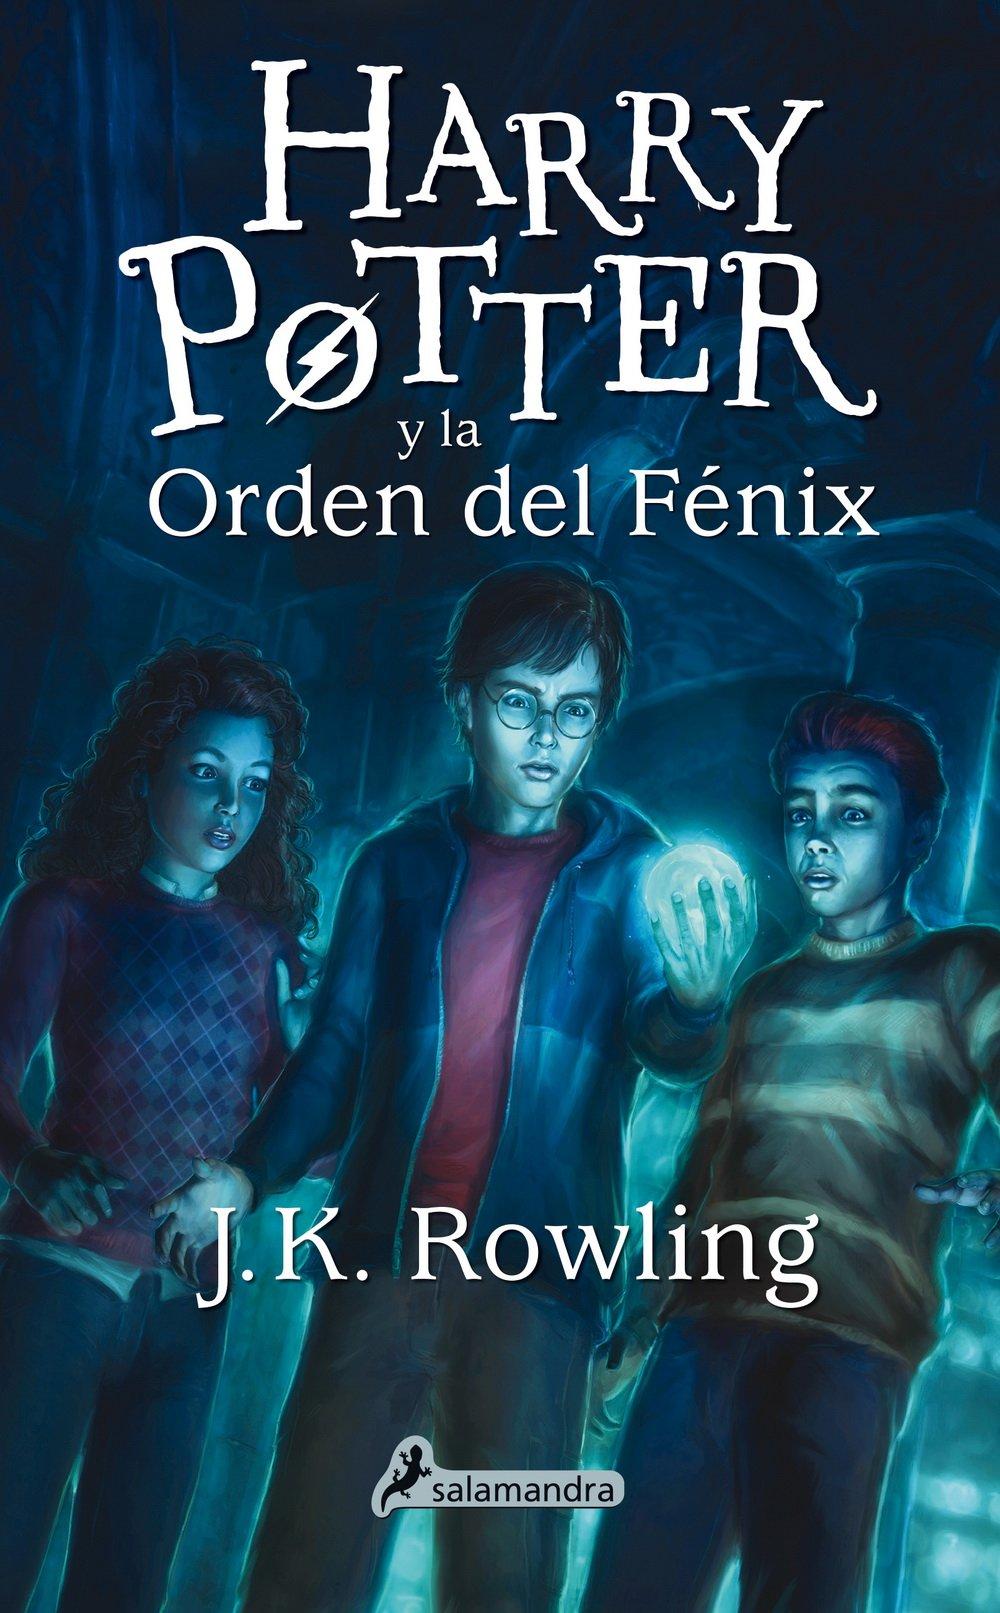 Harry Potter y la Orden del Fenix.jpg